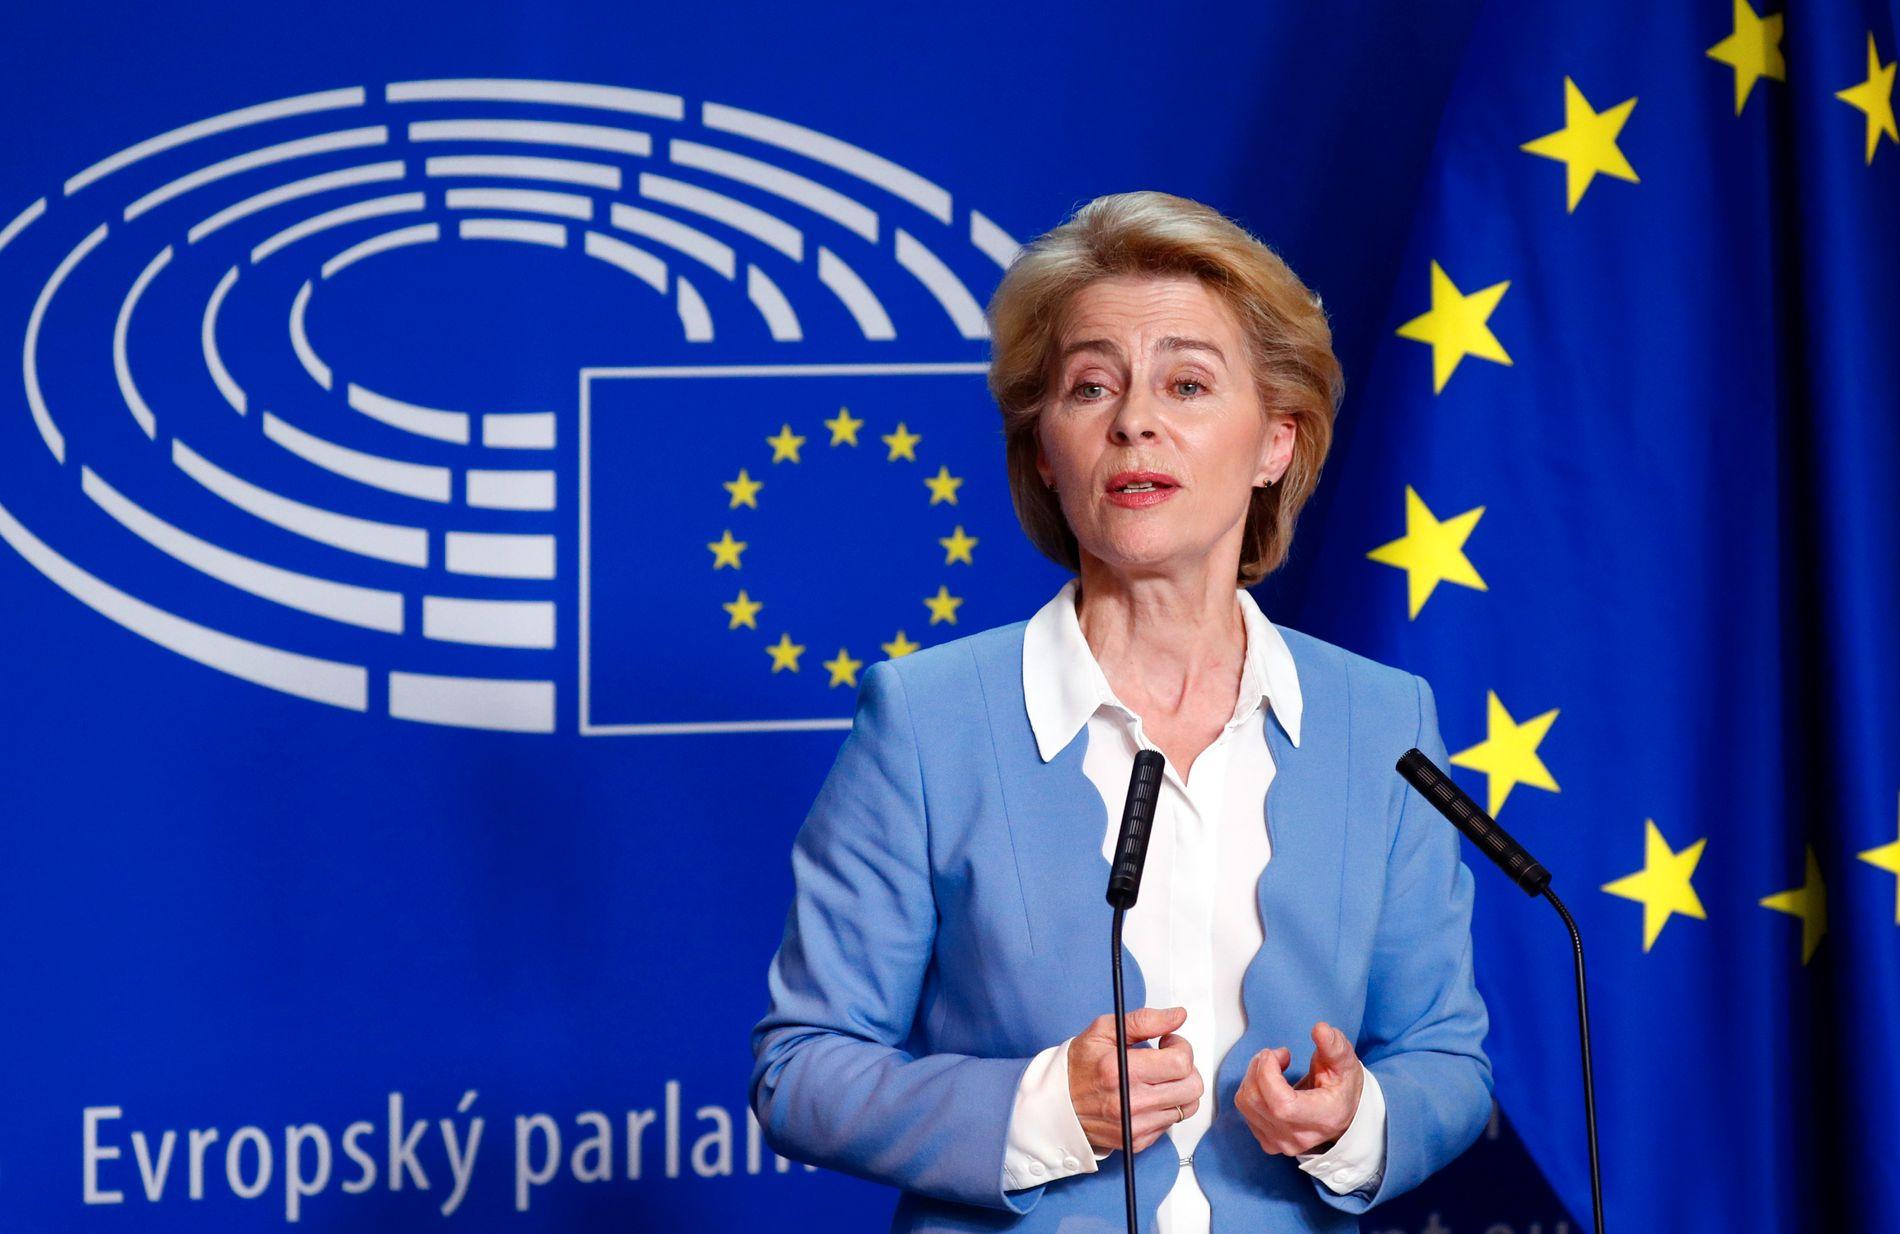 INGEN MEDBESTEMMELSE: – EUs fire friheter gjelder fullt ut i Norge. Heldigvis. Dette sikrer fri bevegelse av varer, tjenester, mennesker og investeringer. Men Norge har som ikke-medlem, ingen medbestemmelse, skriver kronikkforfatteren. Ursula von der Leyen (bildet) ble tidligere denne uken valgt til ny president i EU-kommisjonen.